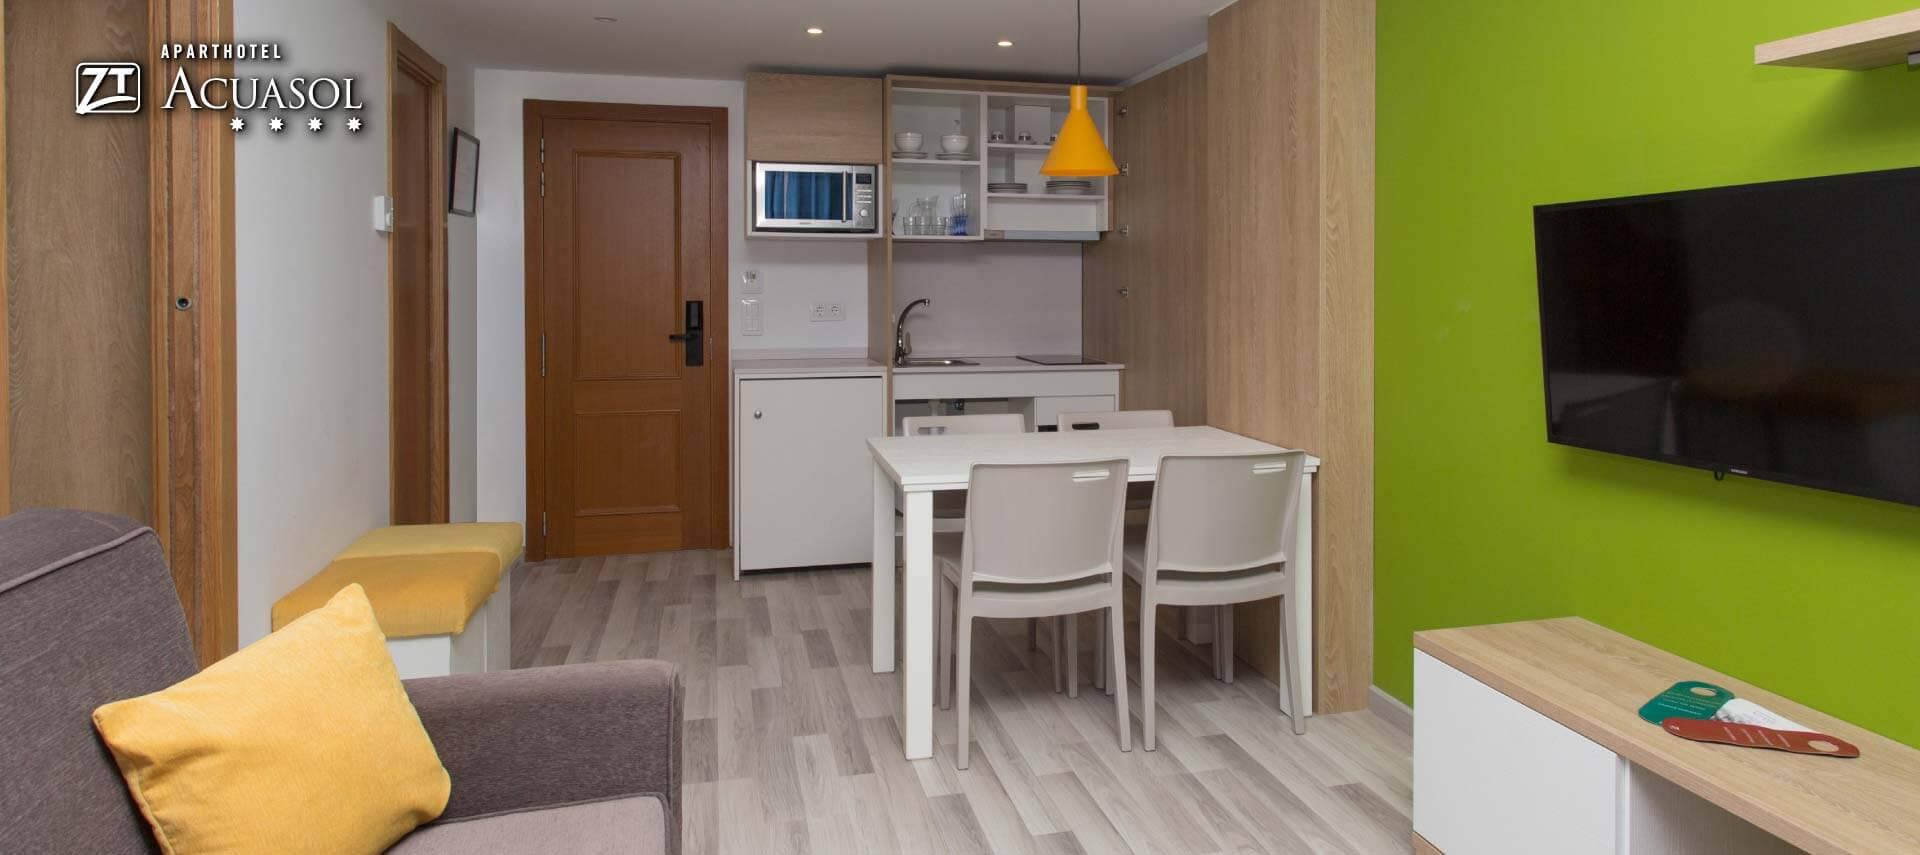 ZT Aparthotel Acuasol